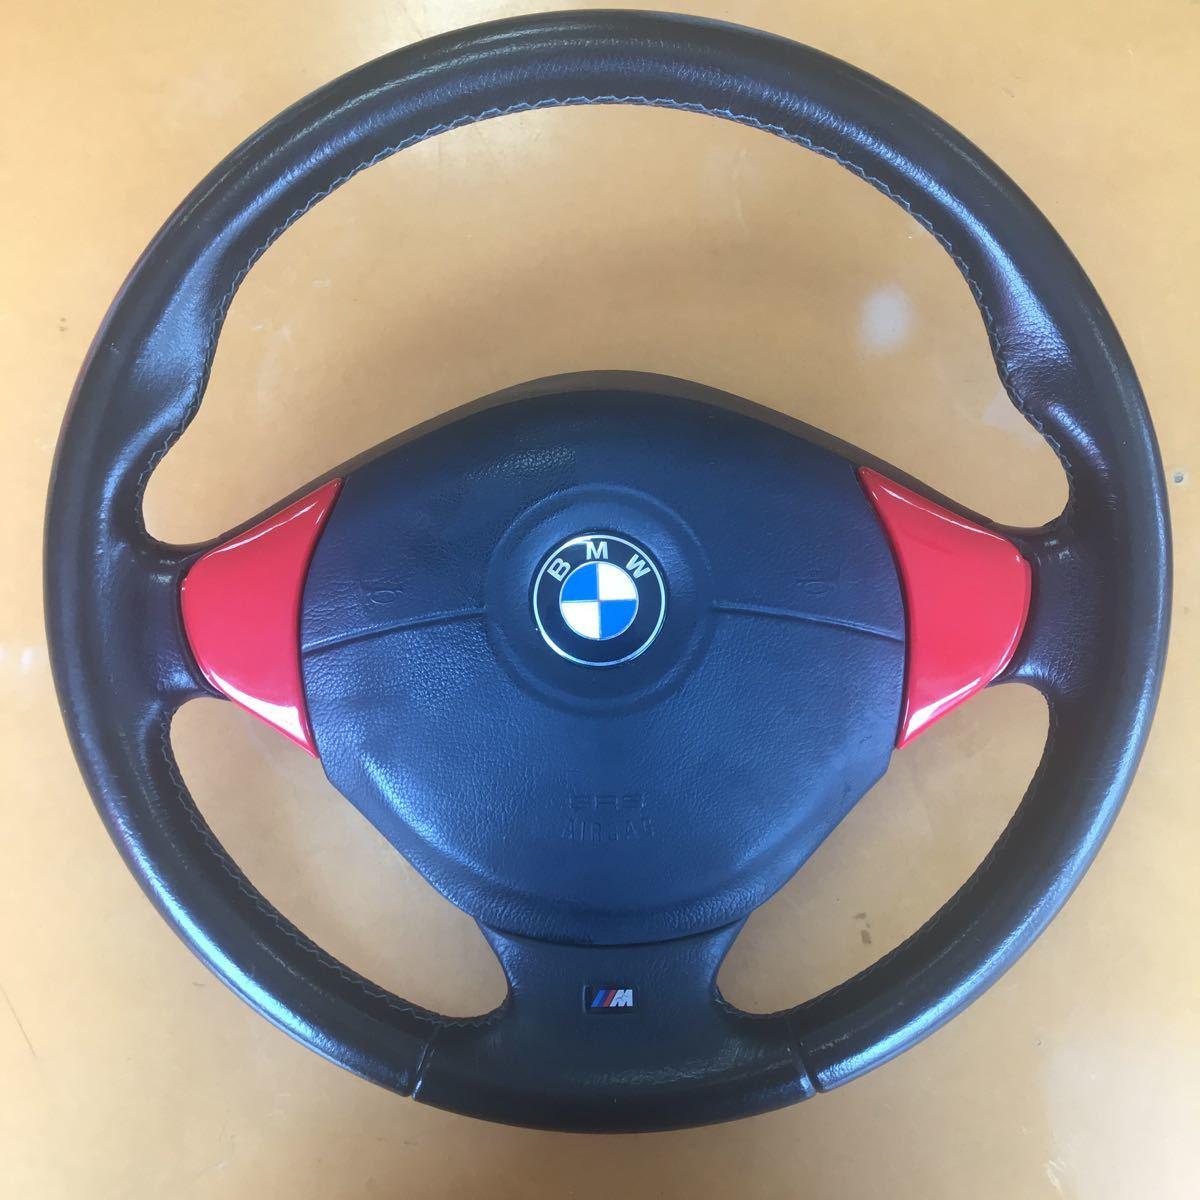 BMW318is後期スポーツパッケージから取り外ししたステアリング一式エアーバック付き